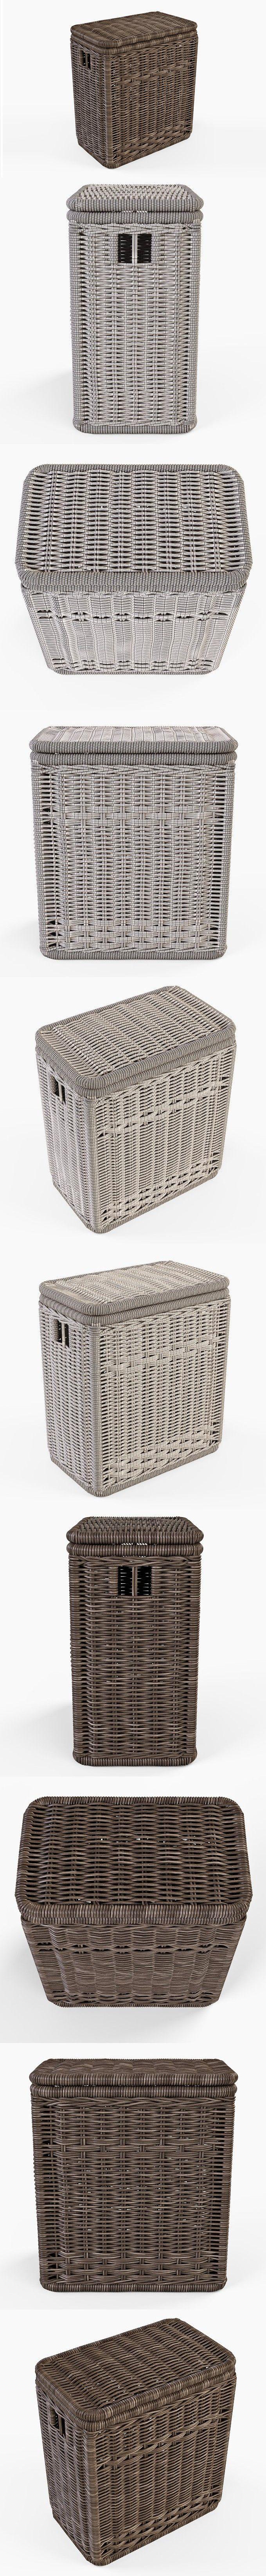 Wicker Laundry Hamper 08 Brown. 3D Objects